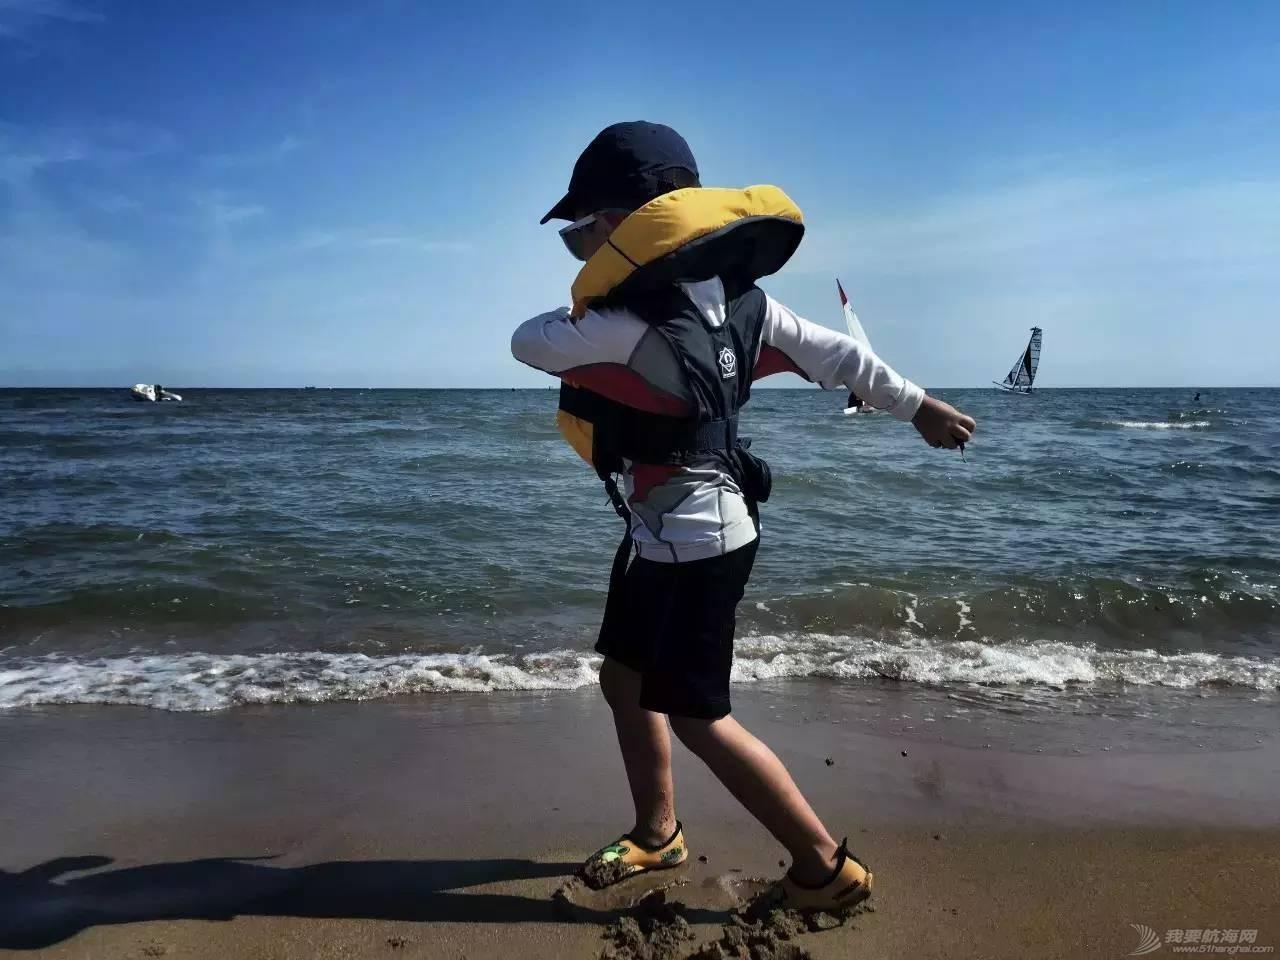 为什么要让孩子去学习小帆船 3fba35819017910d56adacd9b8a821f6.jpg